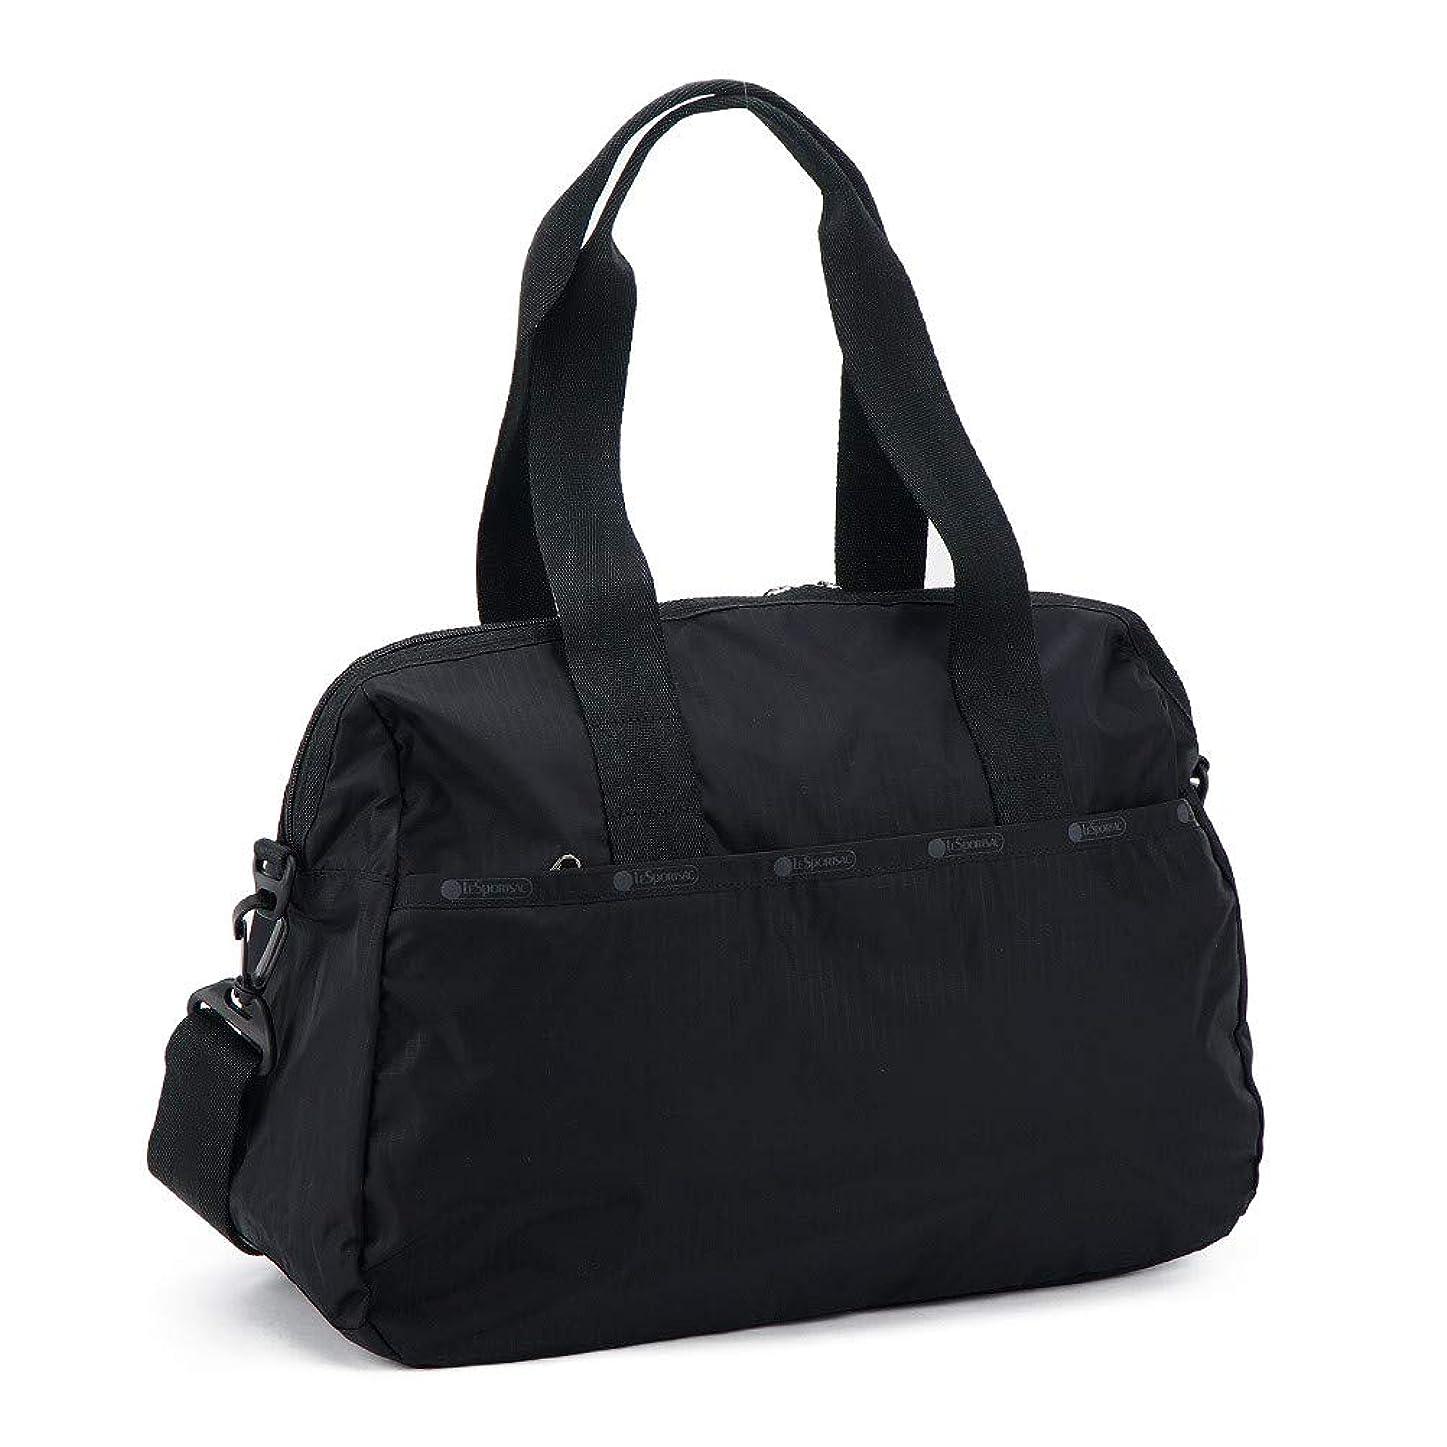 三角病的まぶしさ(レスポートサック) LeSportsac ボストンバッグ HARPER BAG ハーパーバッグ 3356 5982 BLACK レディース [並行輸入品]